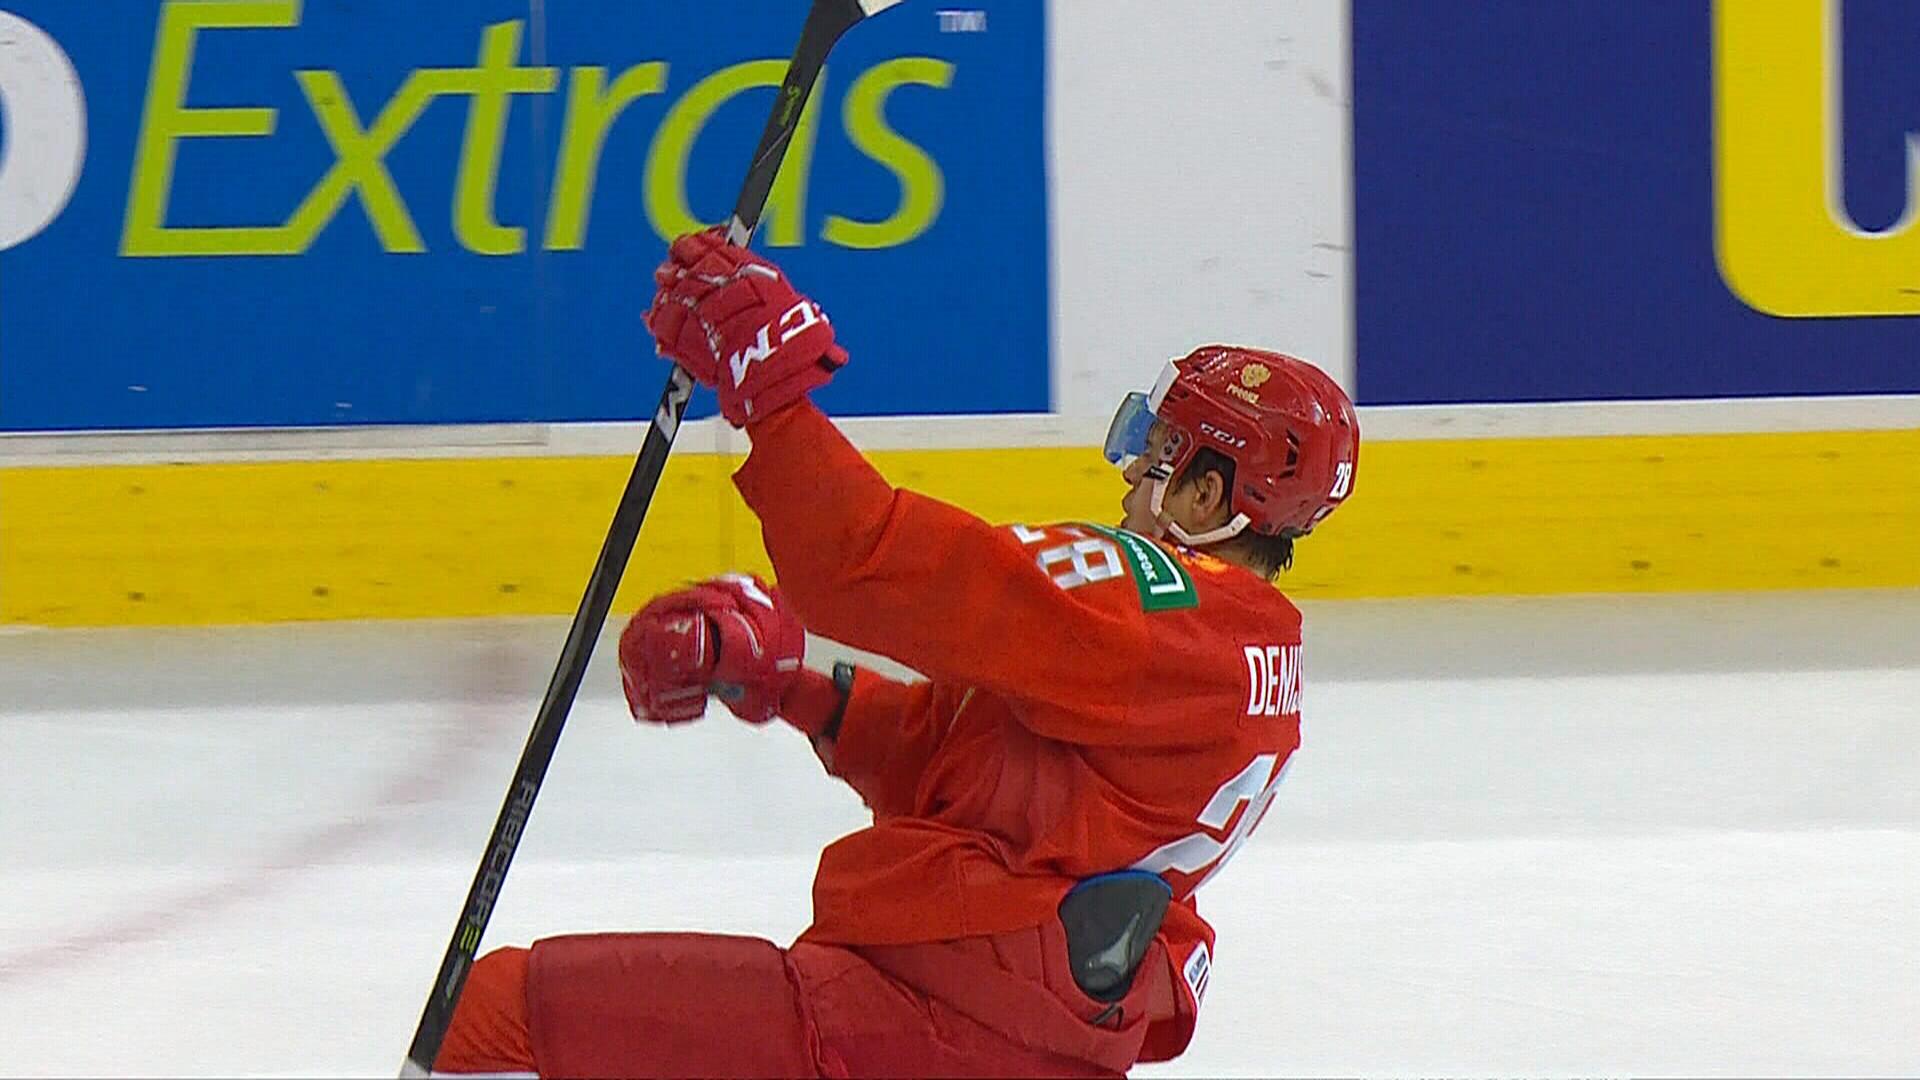 Денисенко  лучший игрок сборной России в матче с США на МЧМ-2019